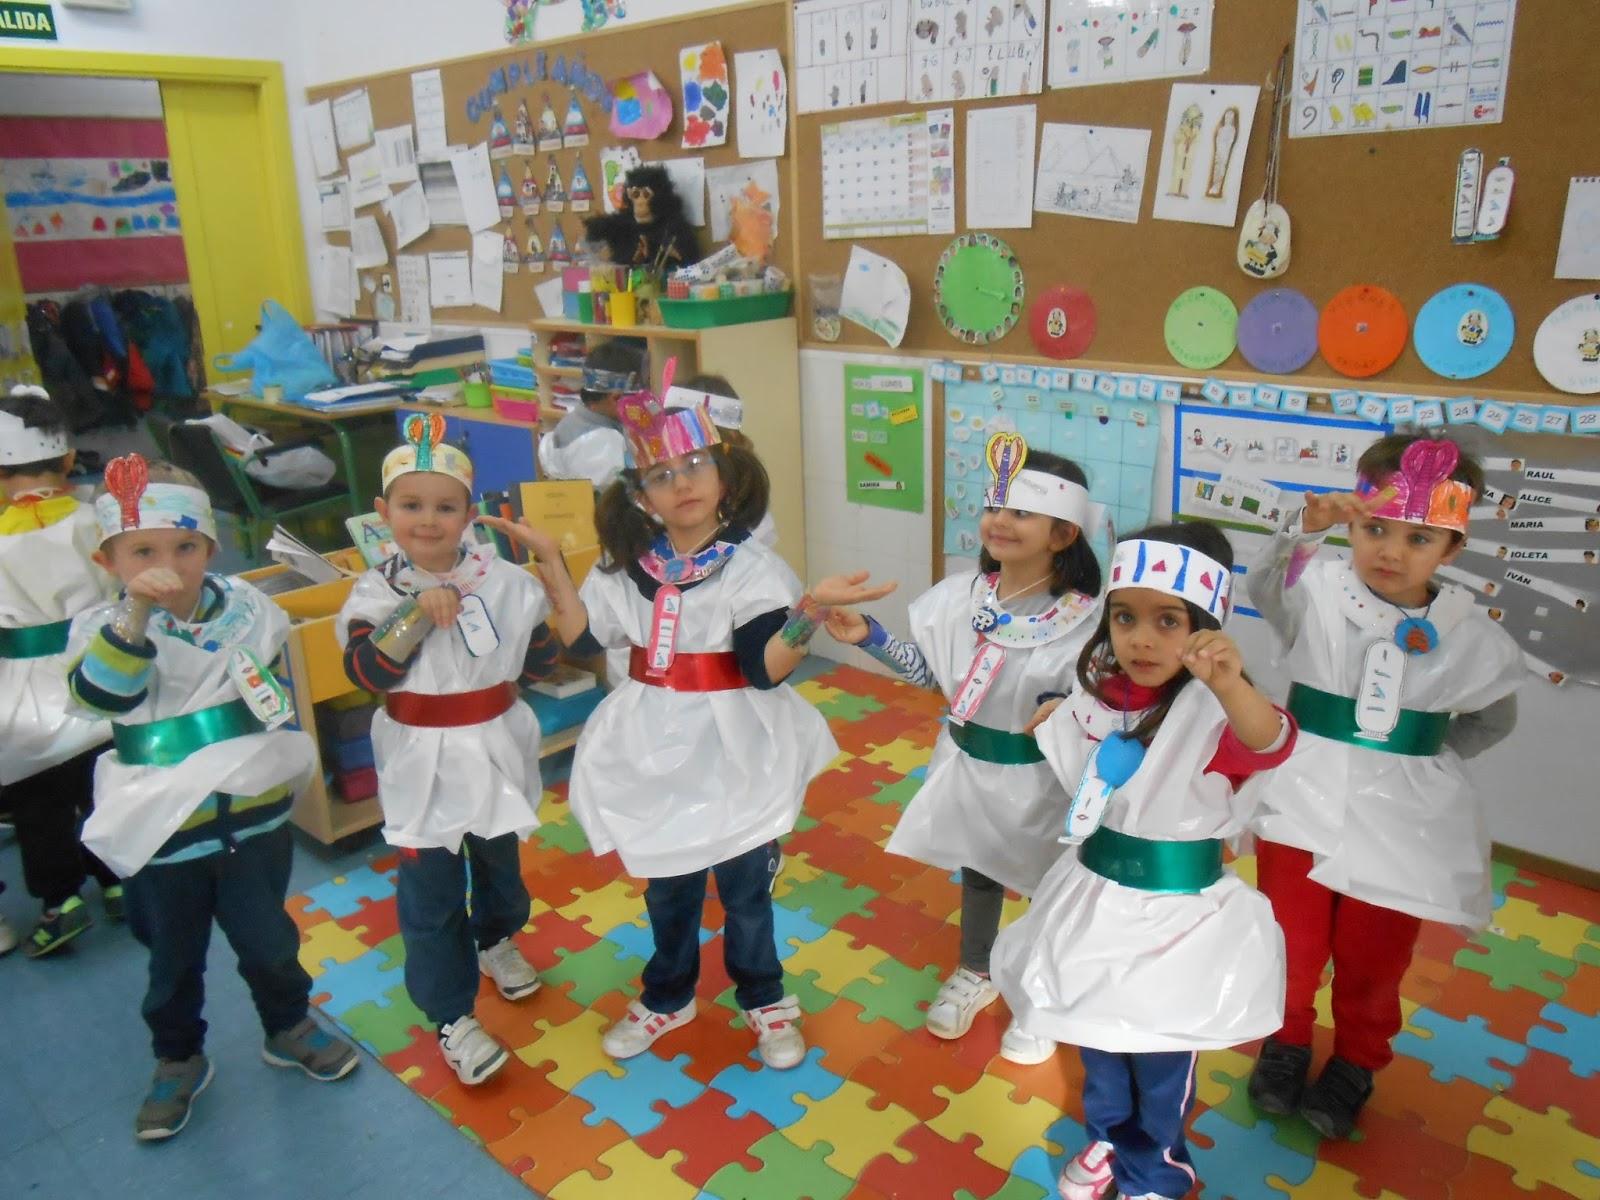 Colegio p blico aldebar n tres cantos novedades y for Proyecto comedor infantil